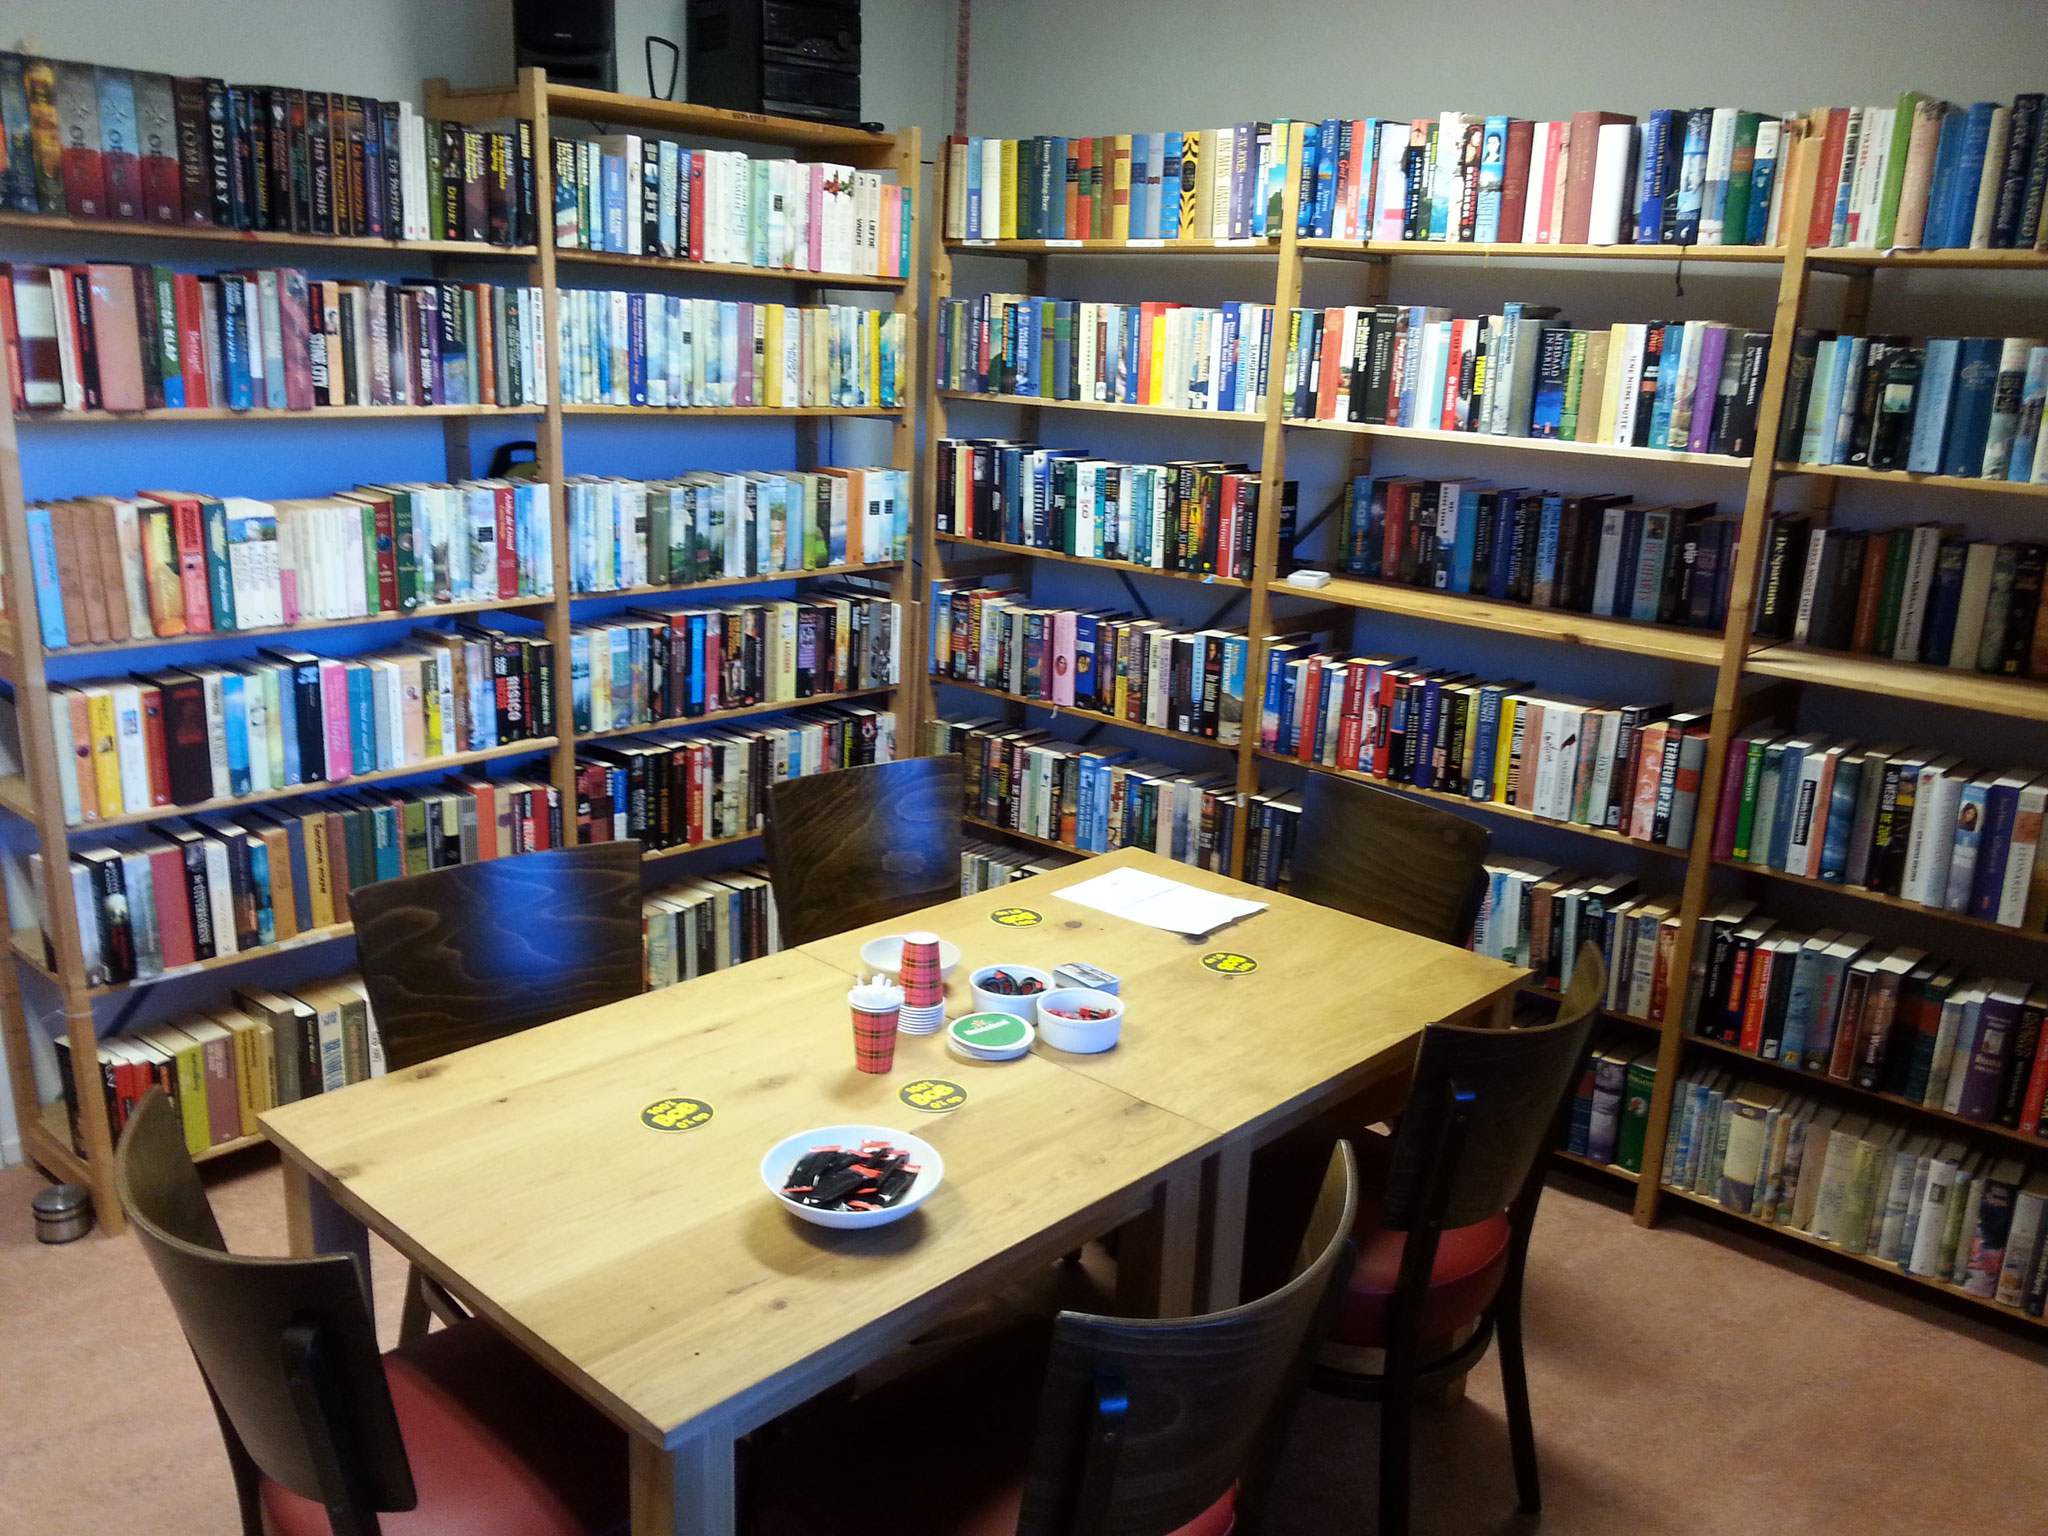 Bibliotheek - 16 m2 (max 6 personen)